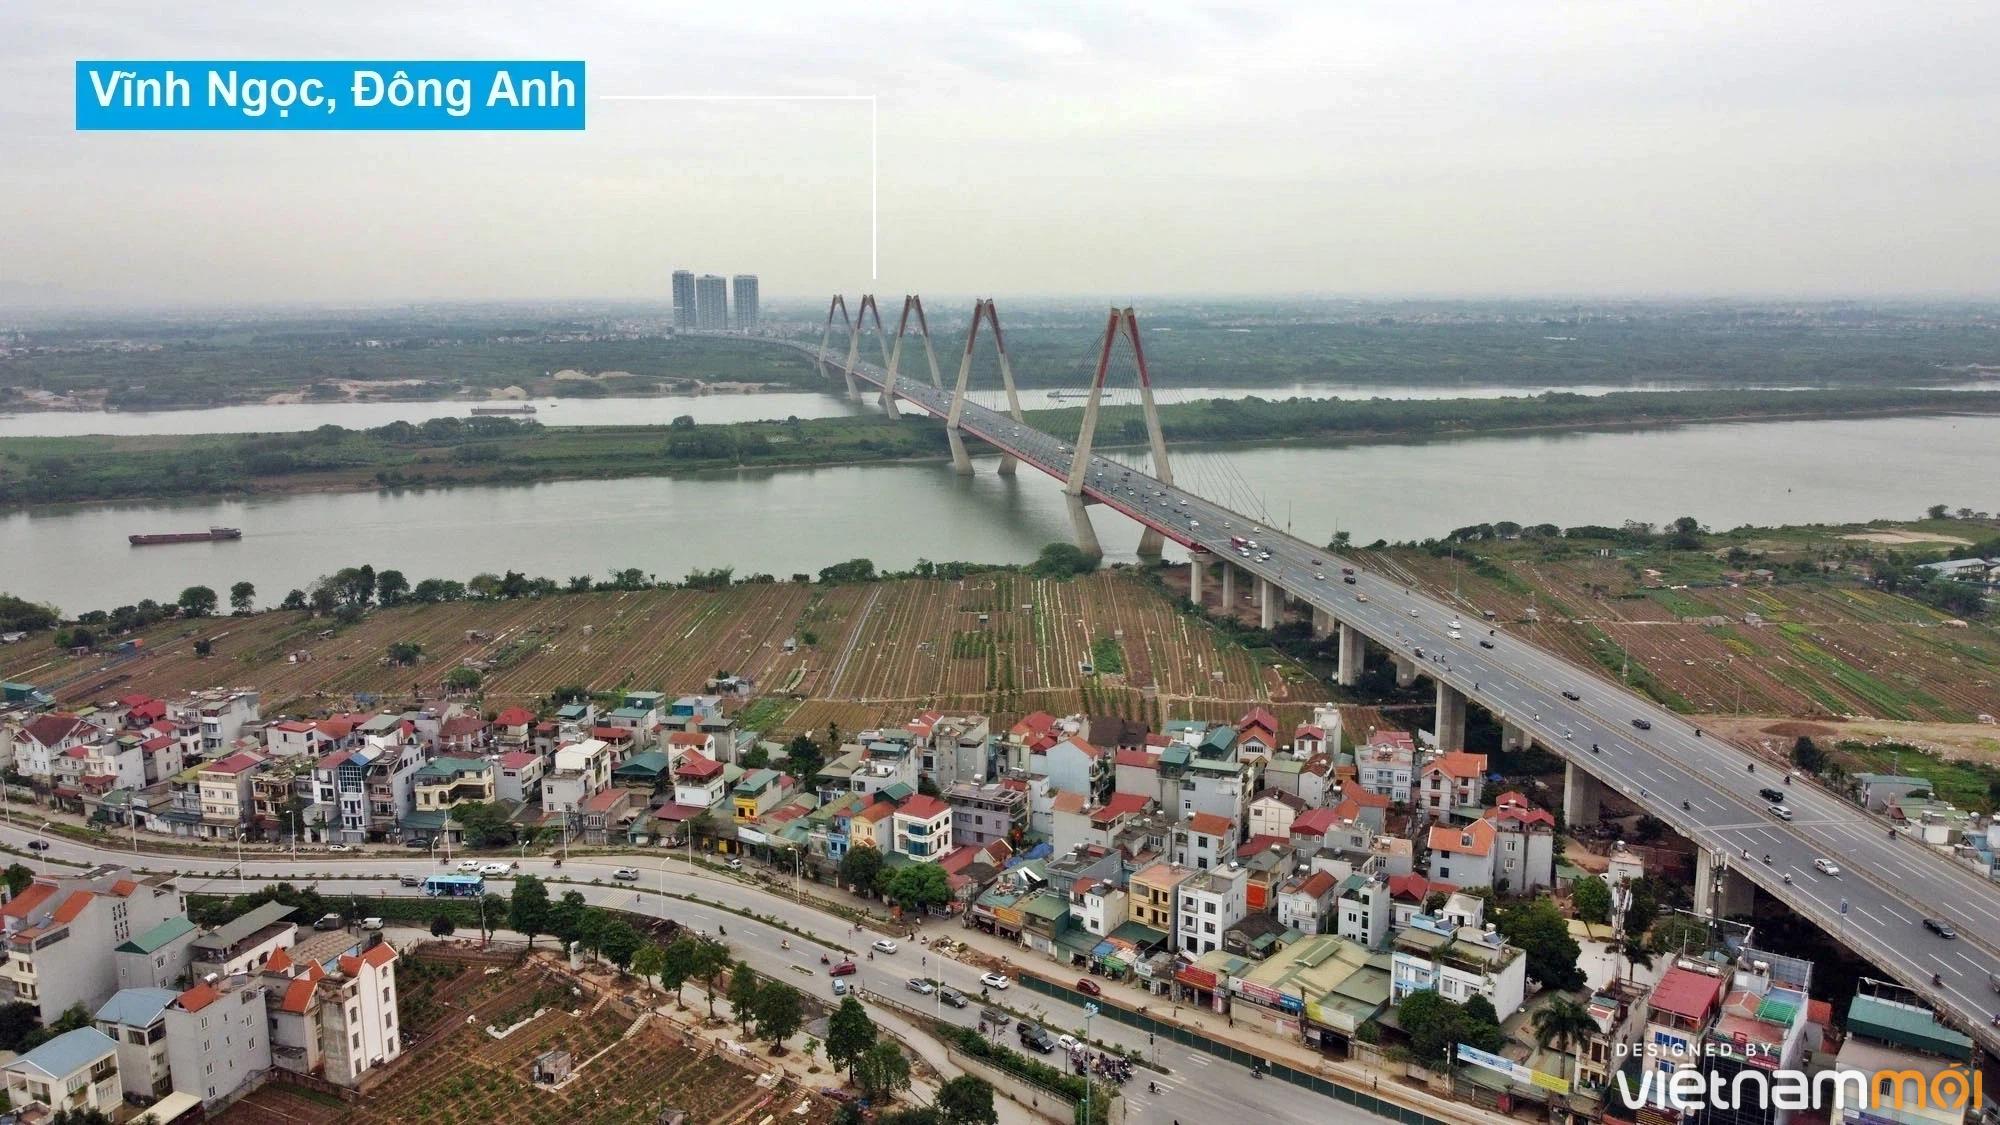 Toàn cảnh hiện trạng Phân khu đô thị sông Hồng trên địa bàn quận Tây Hồ - Ảnh 13.